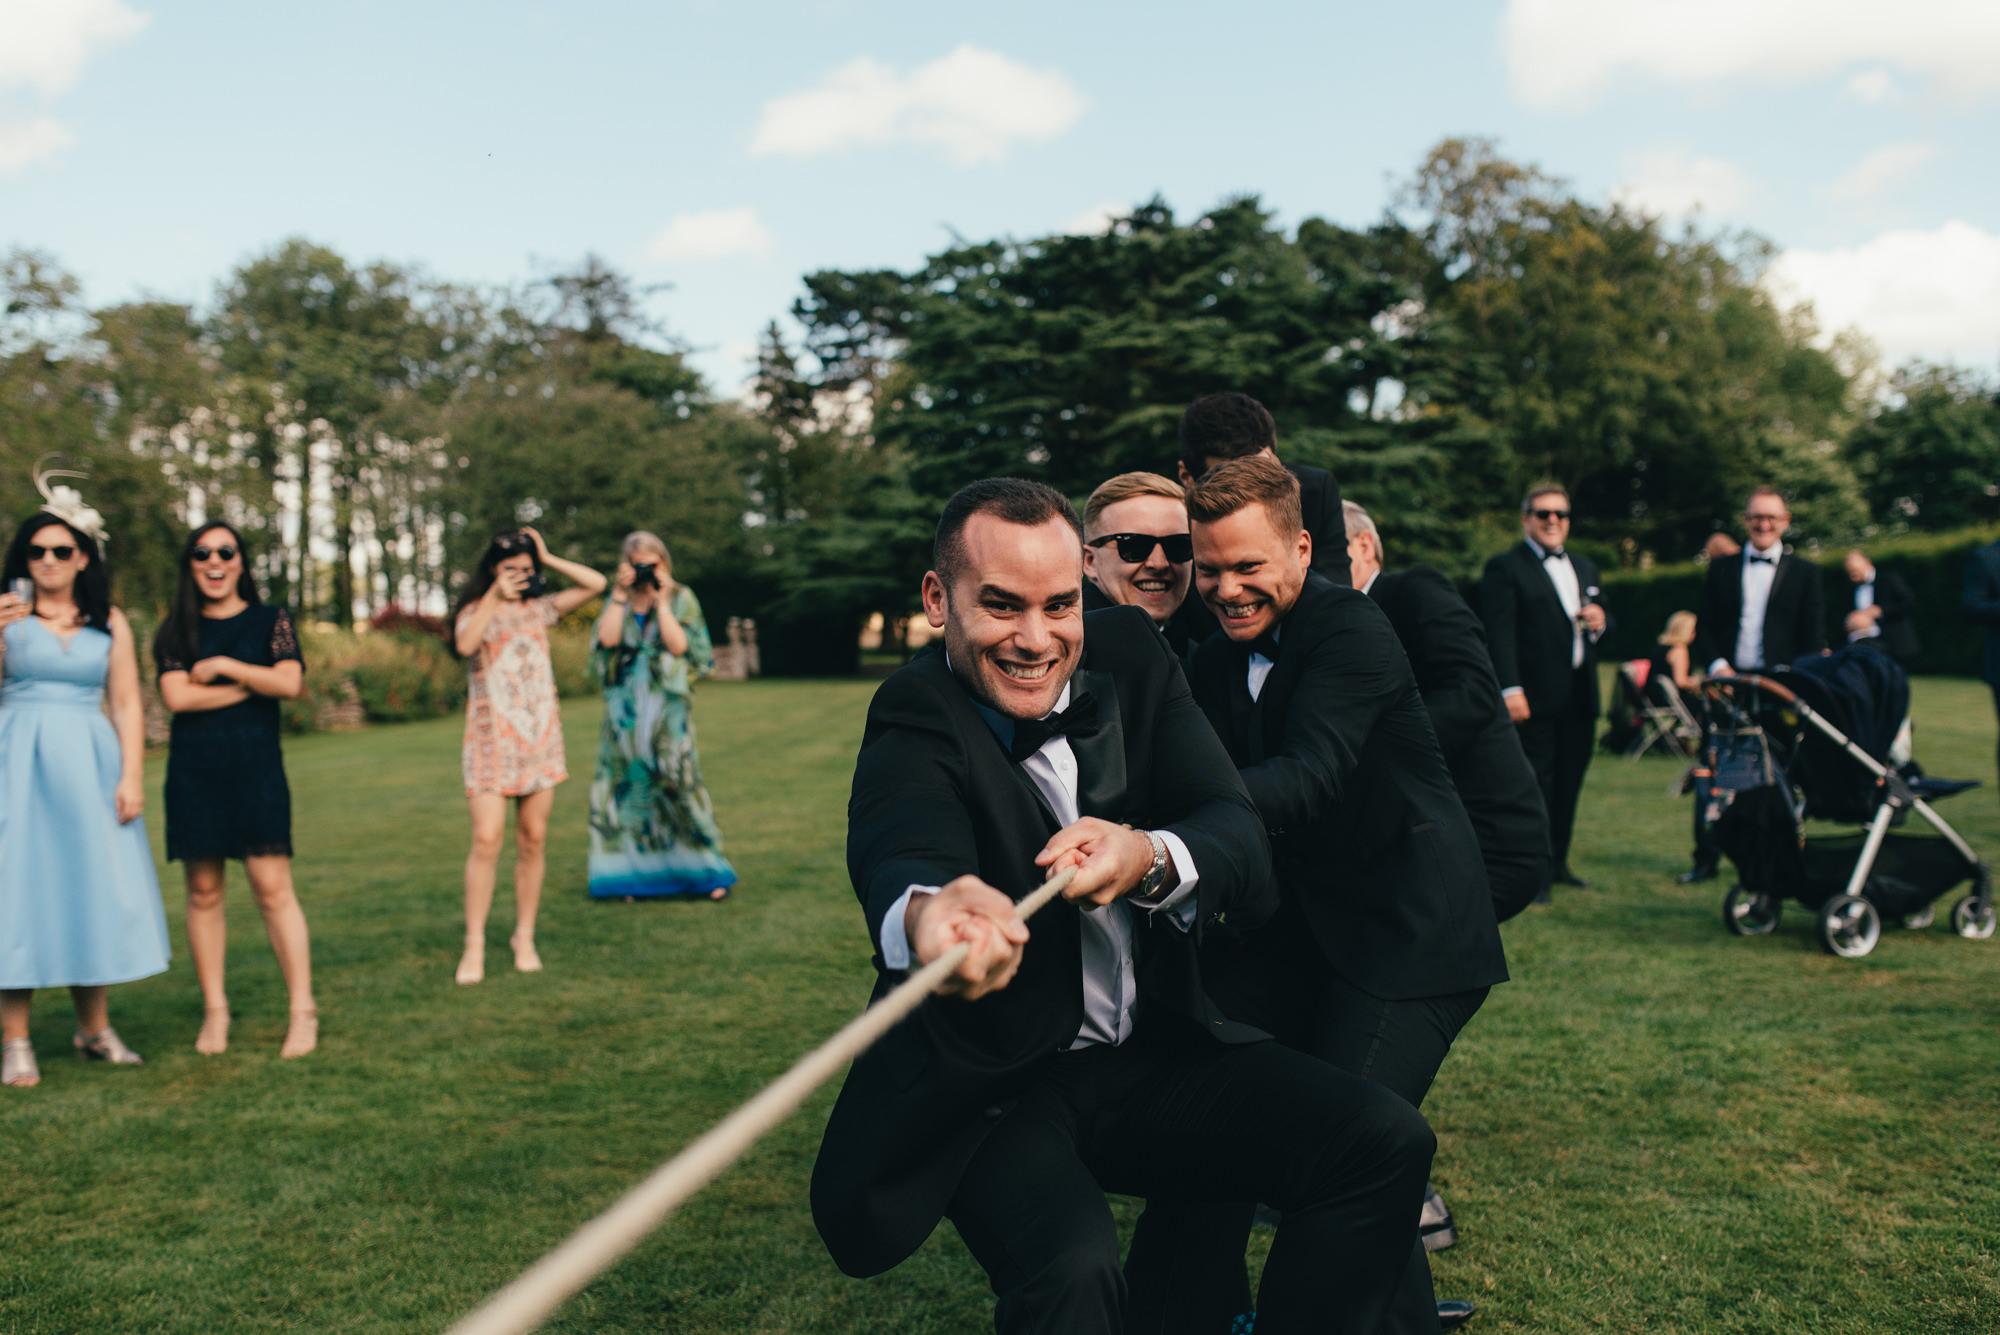 Brinsop Court Wedding Photography58